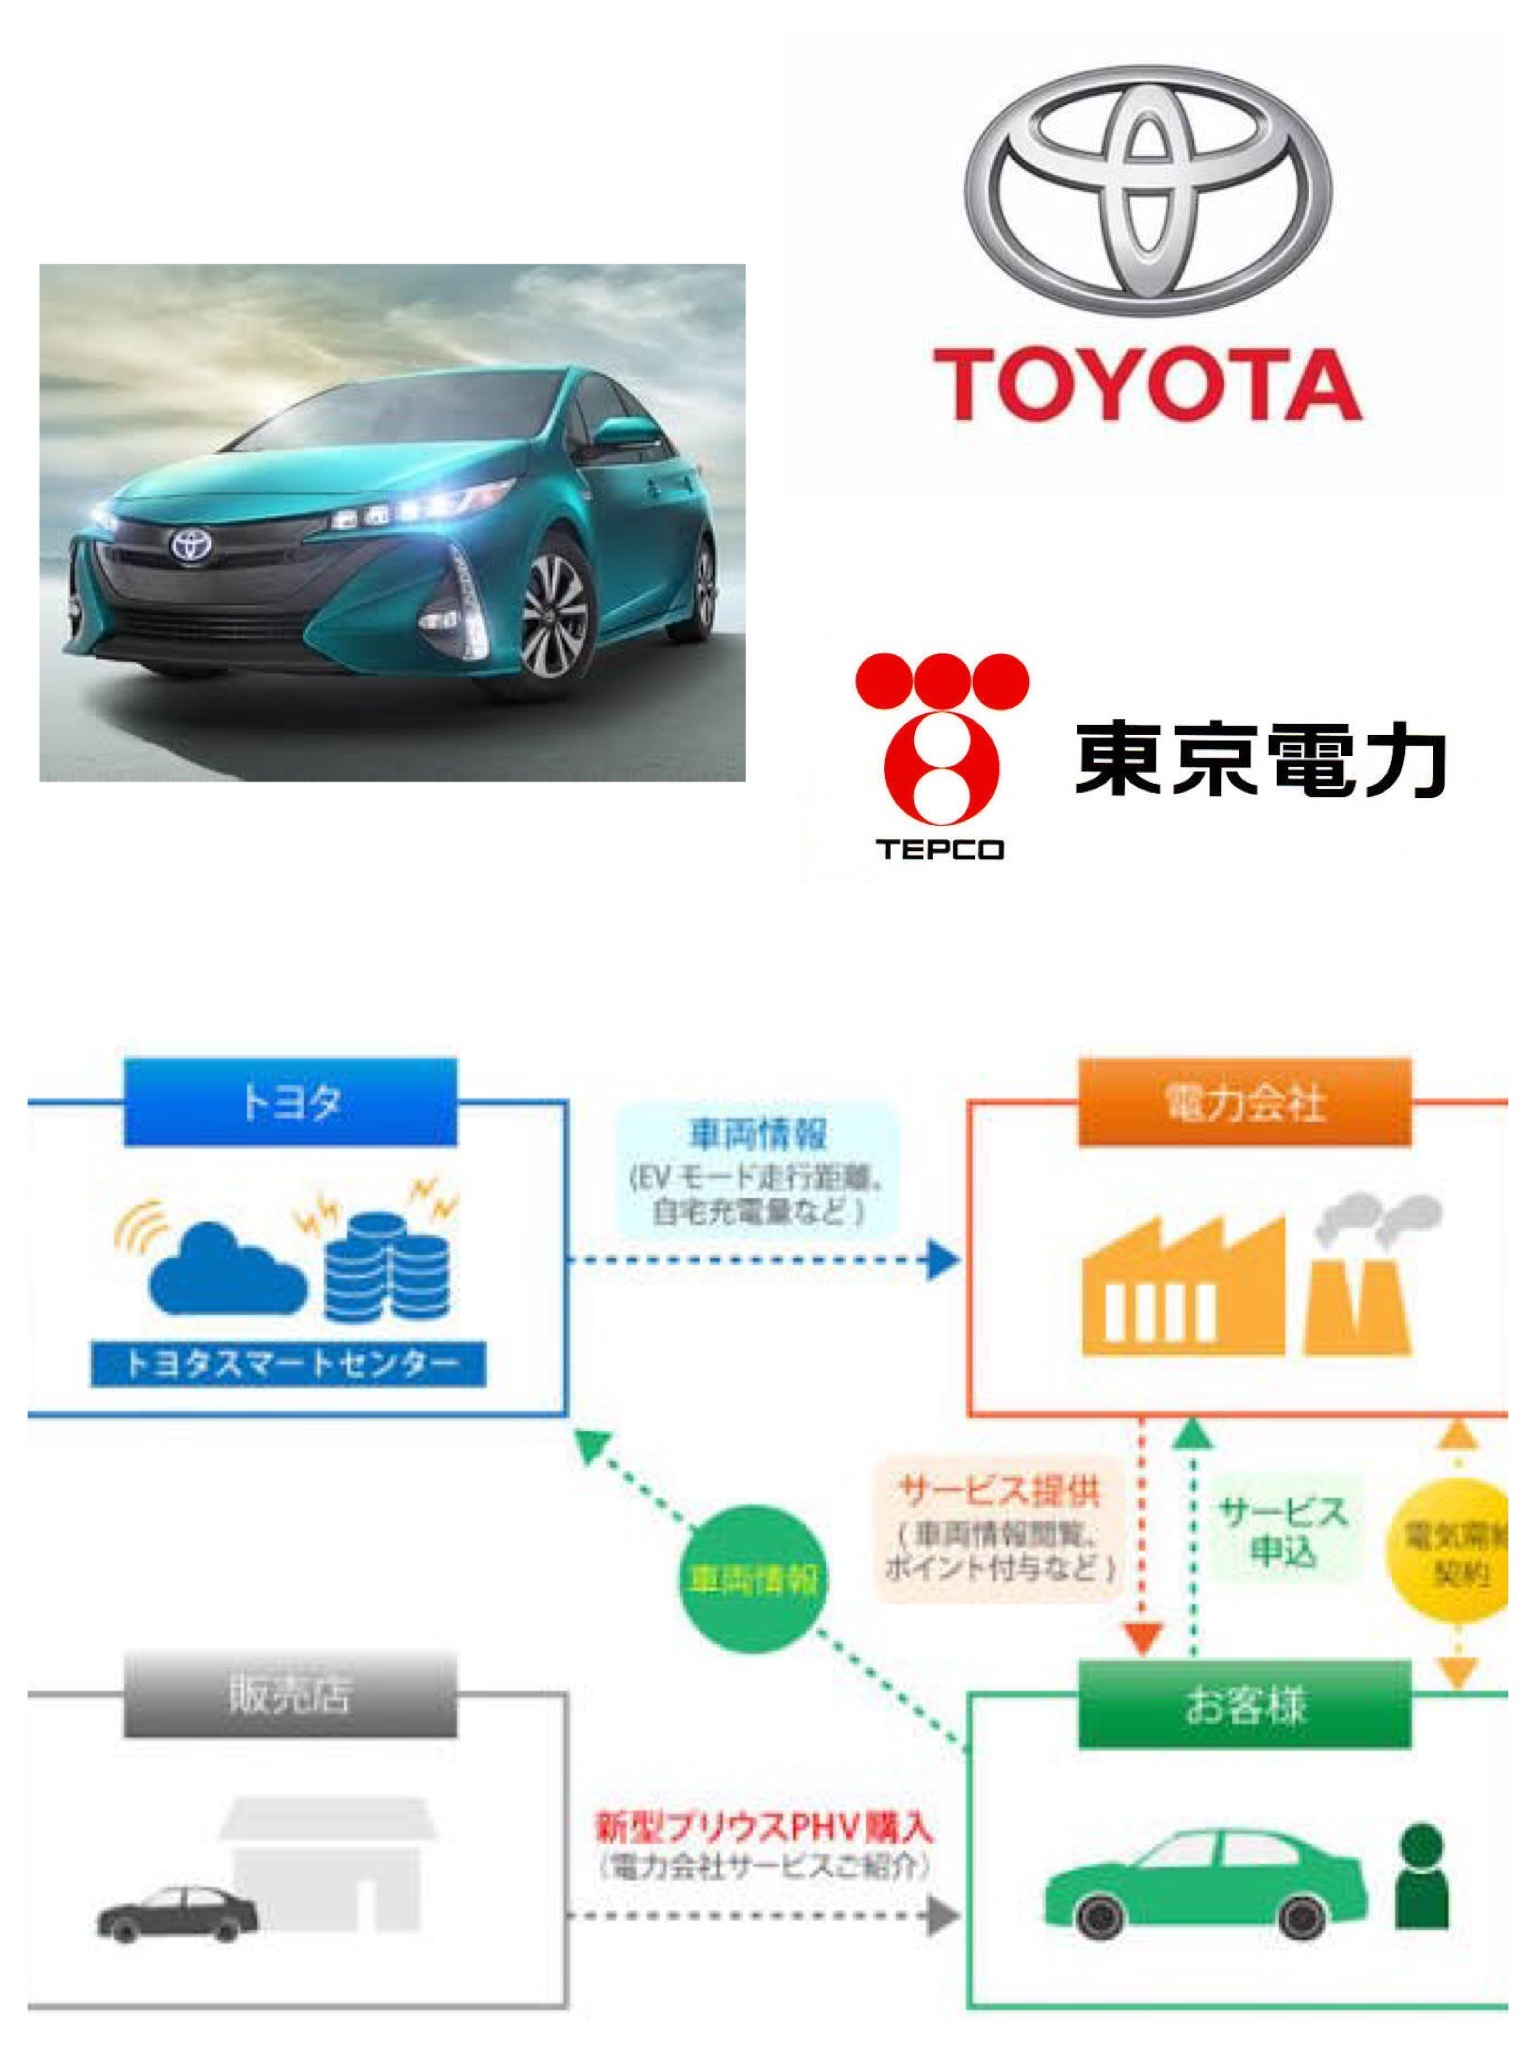 トヨタ 東京電力 PHVつながる電気サービス